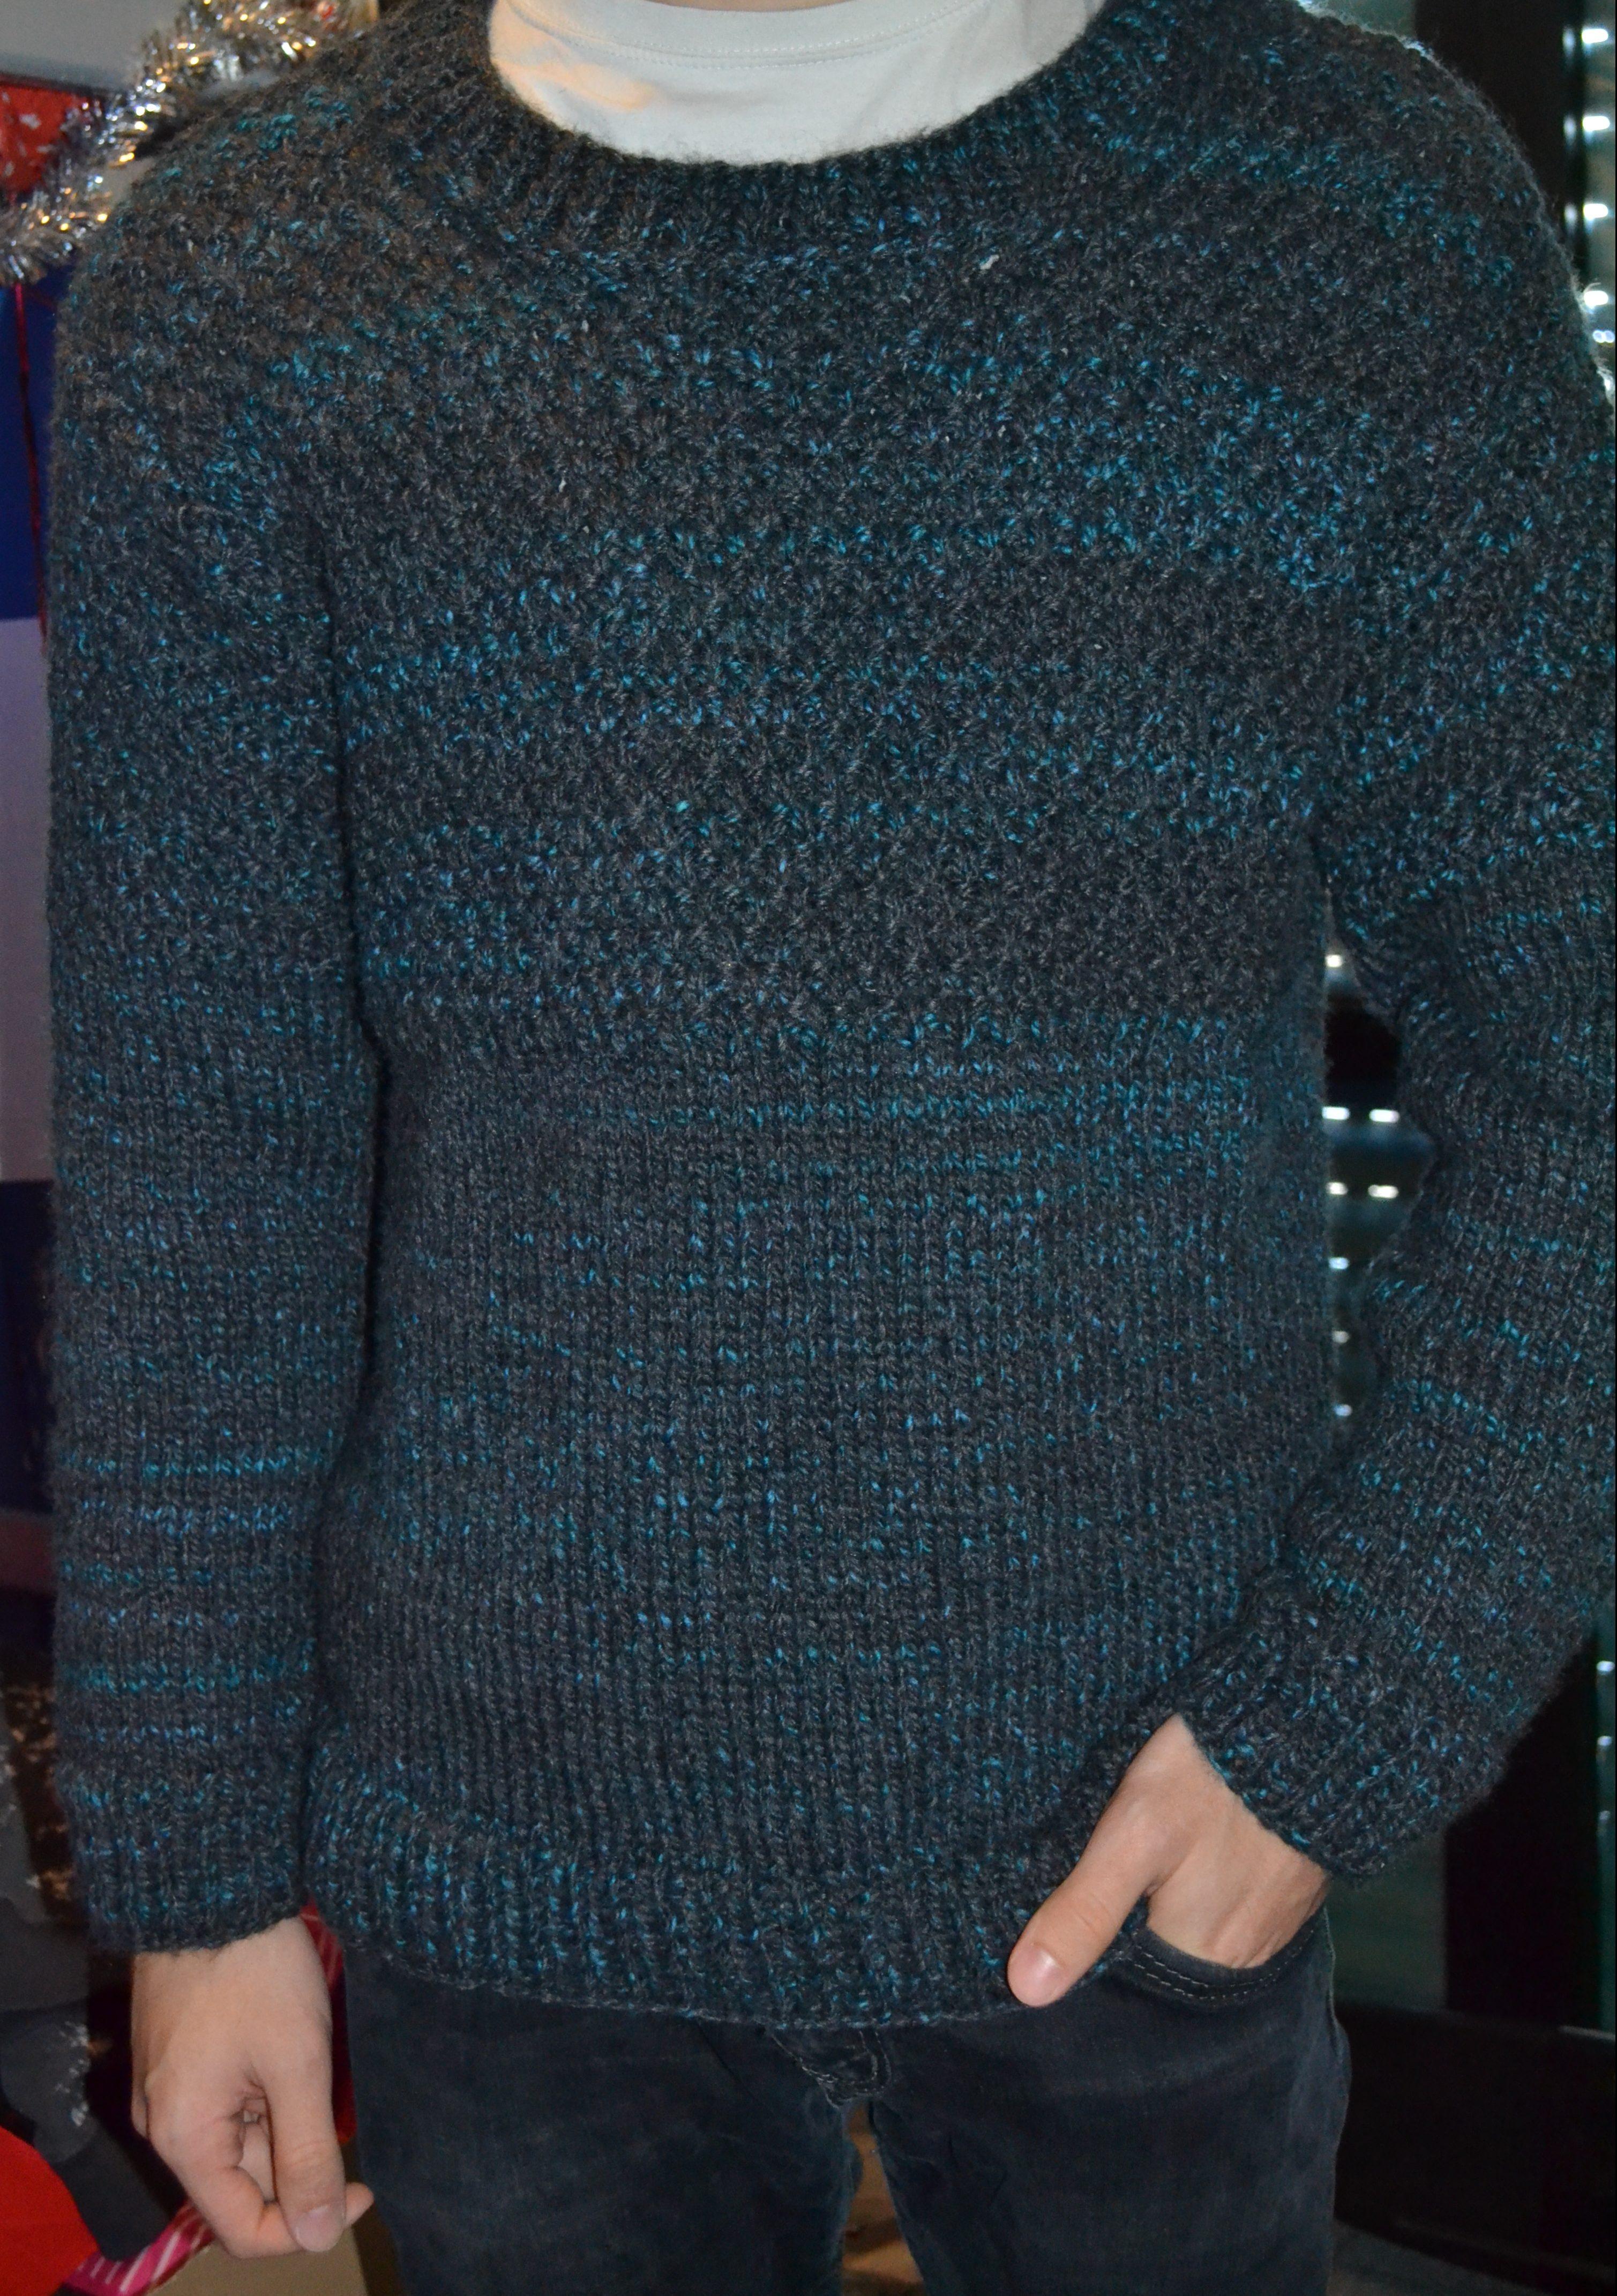 selezione migliore 3f0e0 01d96 Caldo e morbidissimo maglione da uomo